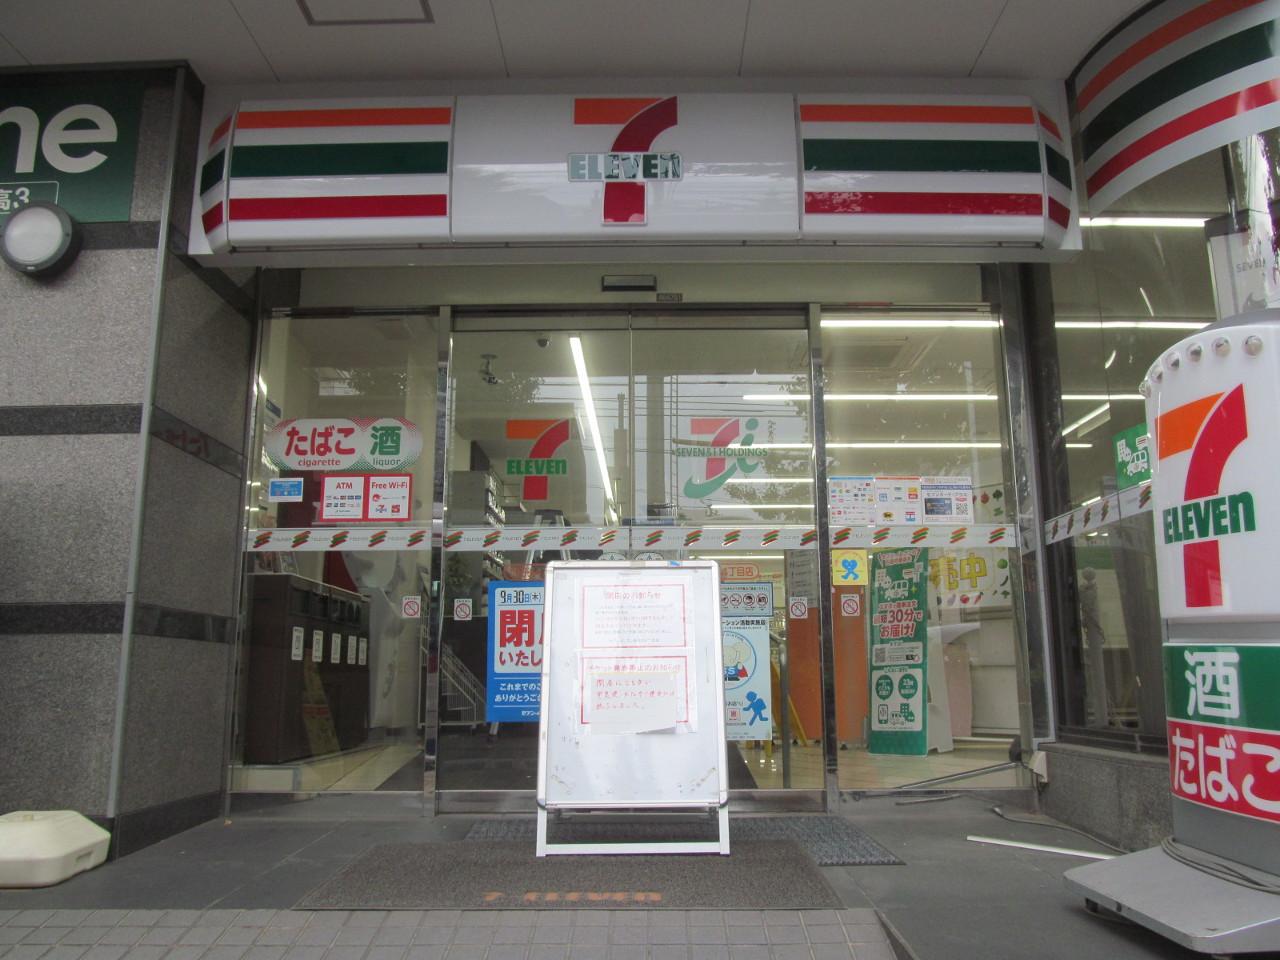 セブンイレブン世田谷4丁目店閉店の様子アイキャッチ1280